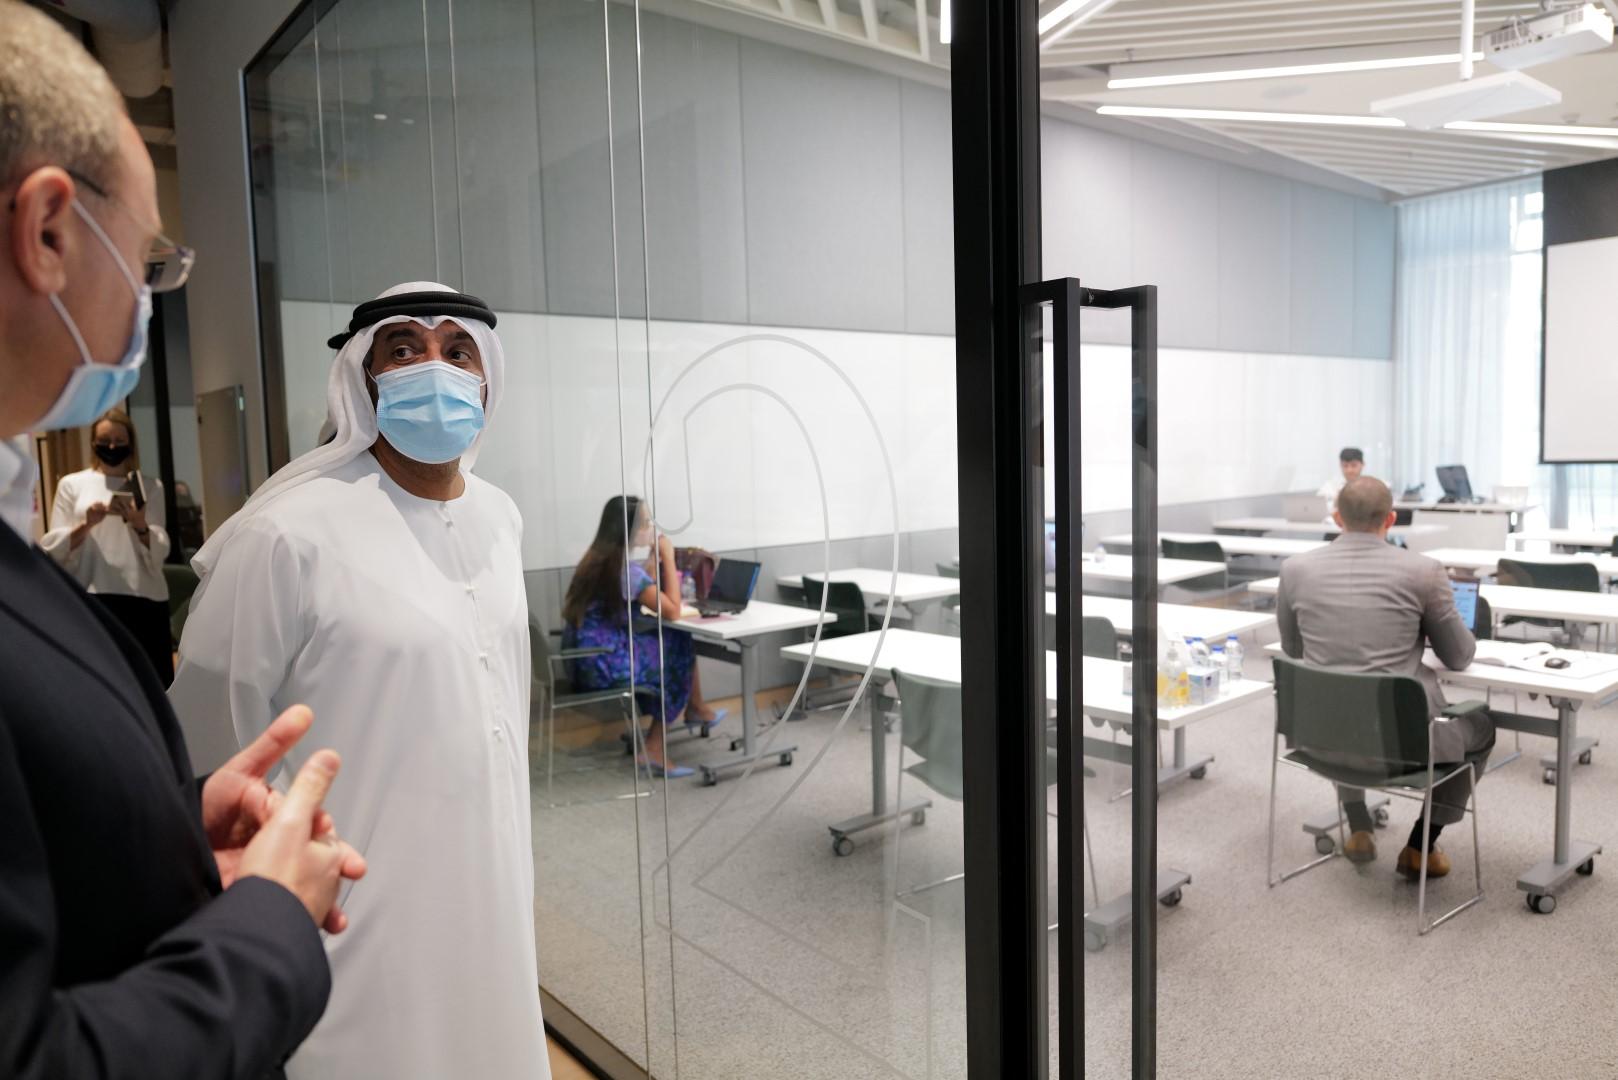 أحمد بن سعيد يفتتح المبنى الجديد لشركة بي دبليو سي الشرق الأوسط في دبي